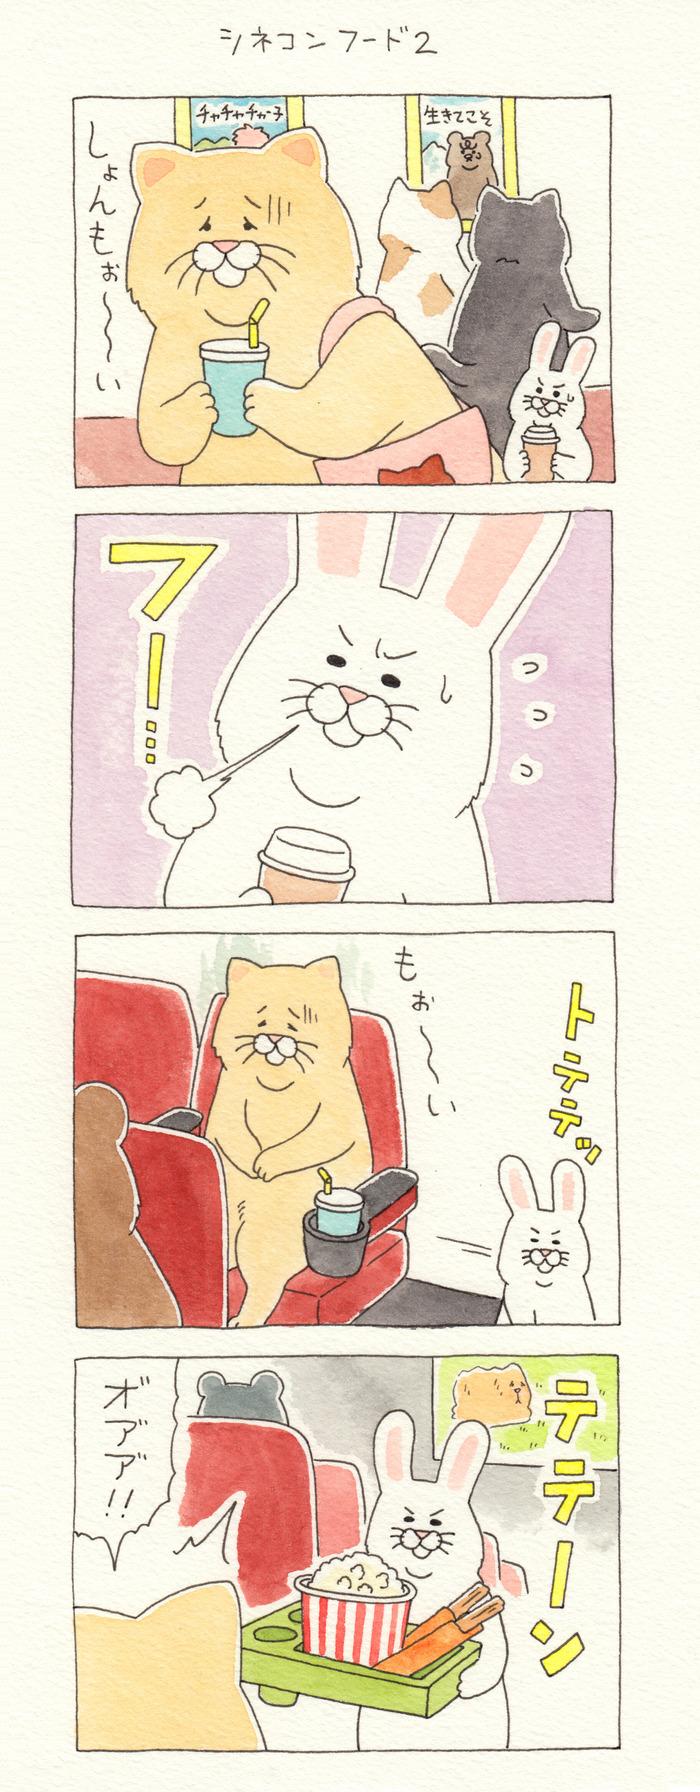 ネコノヒーと映画3